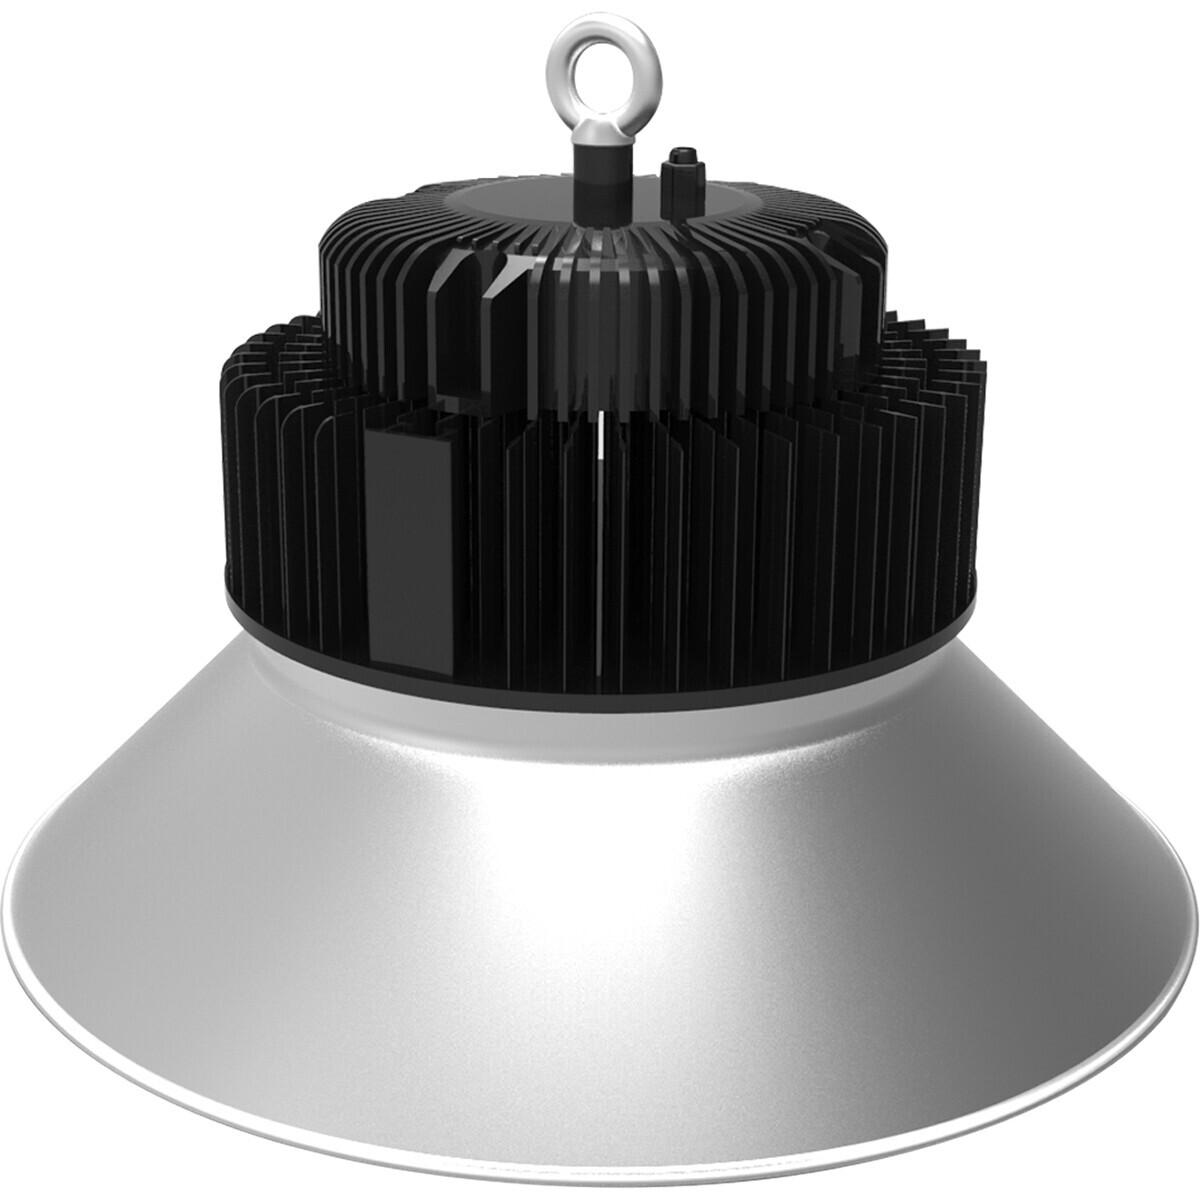 LED UFO High Bay 200W - Aigi Mania - Magazijnverlichting - Waterdicht IP65 - Helder/Koud Wit 6000K -